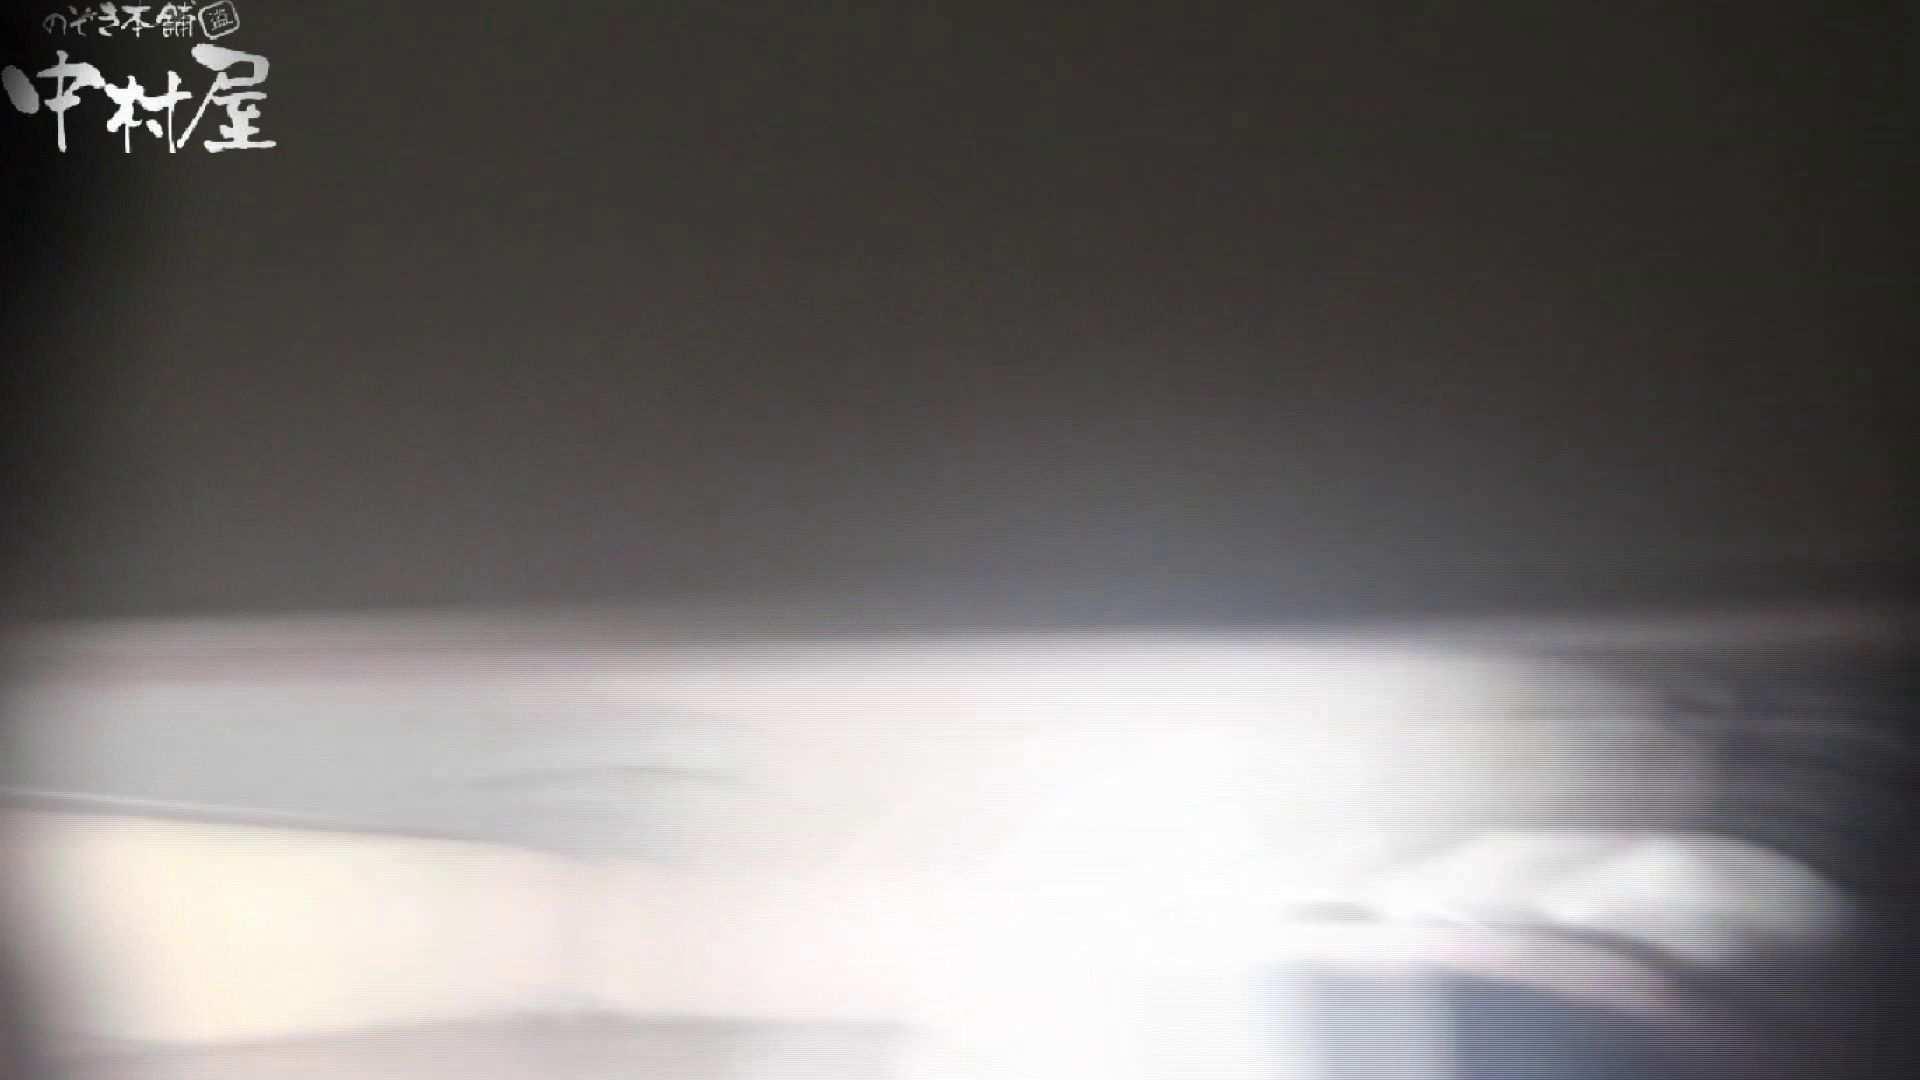 世界の射窓から vol.43 ソーニュー 後編 洗面所突入  91pic 24